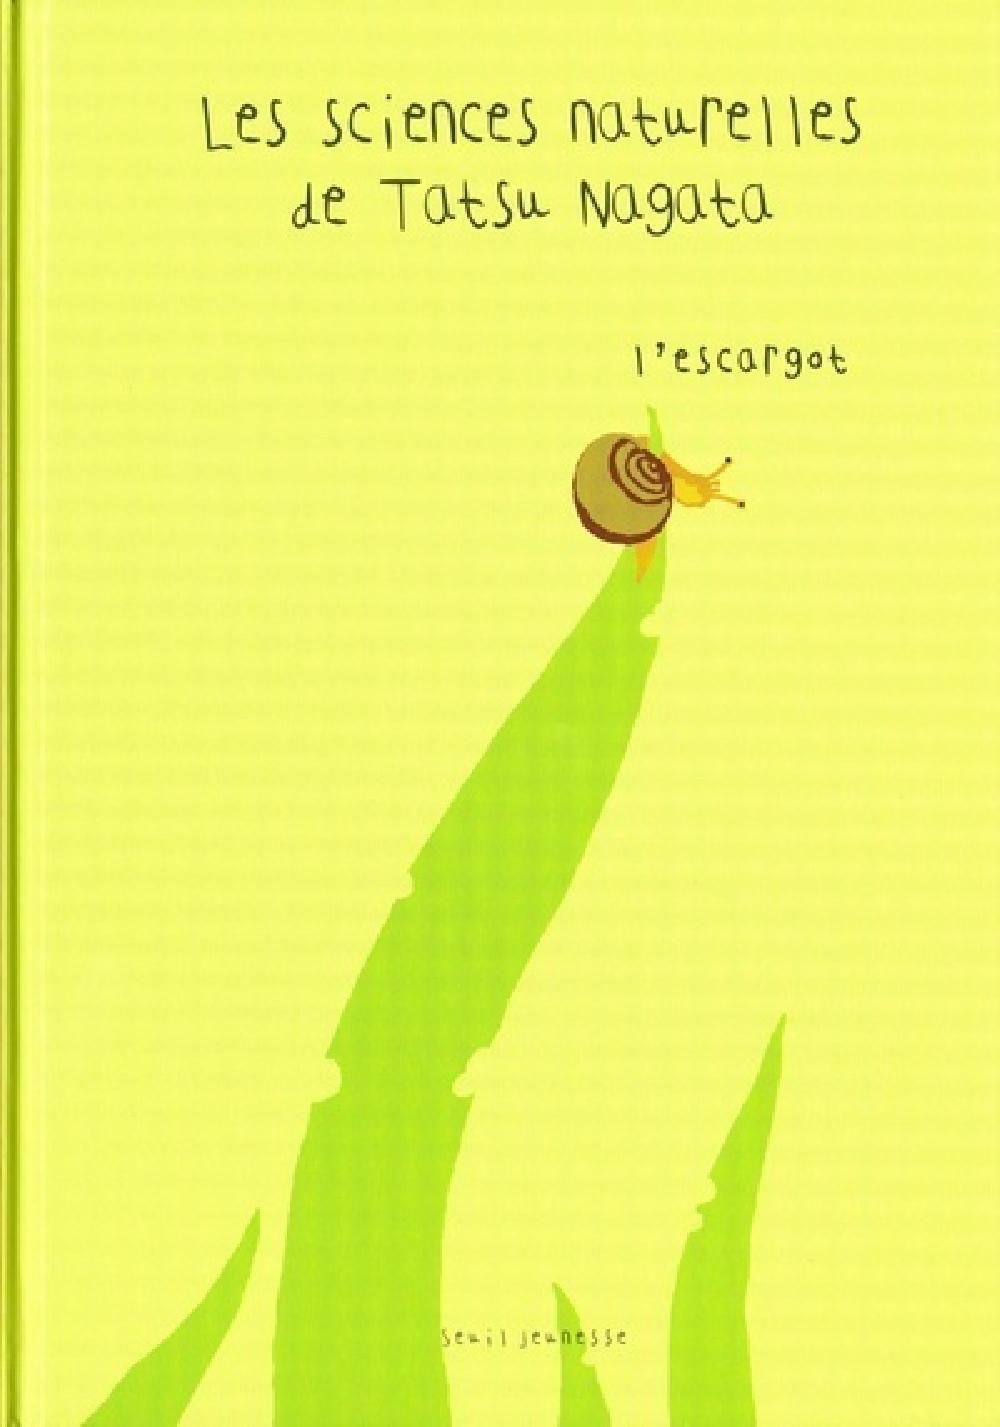 Les sciences naturelles de Tatsu Nagata - L'escargot